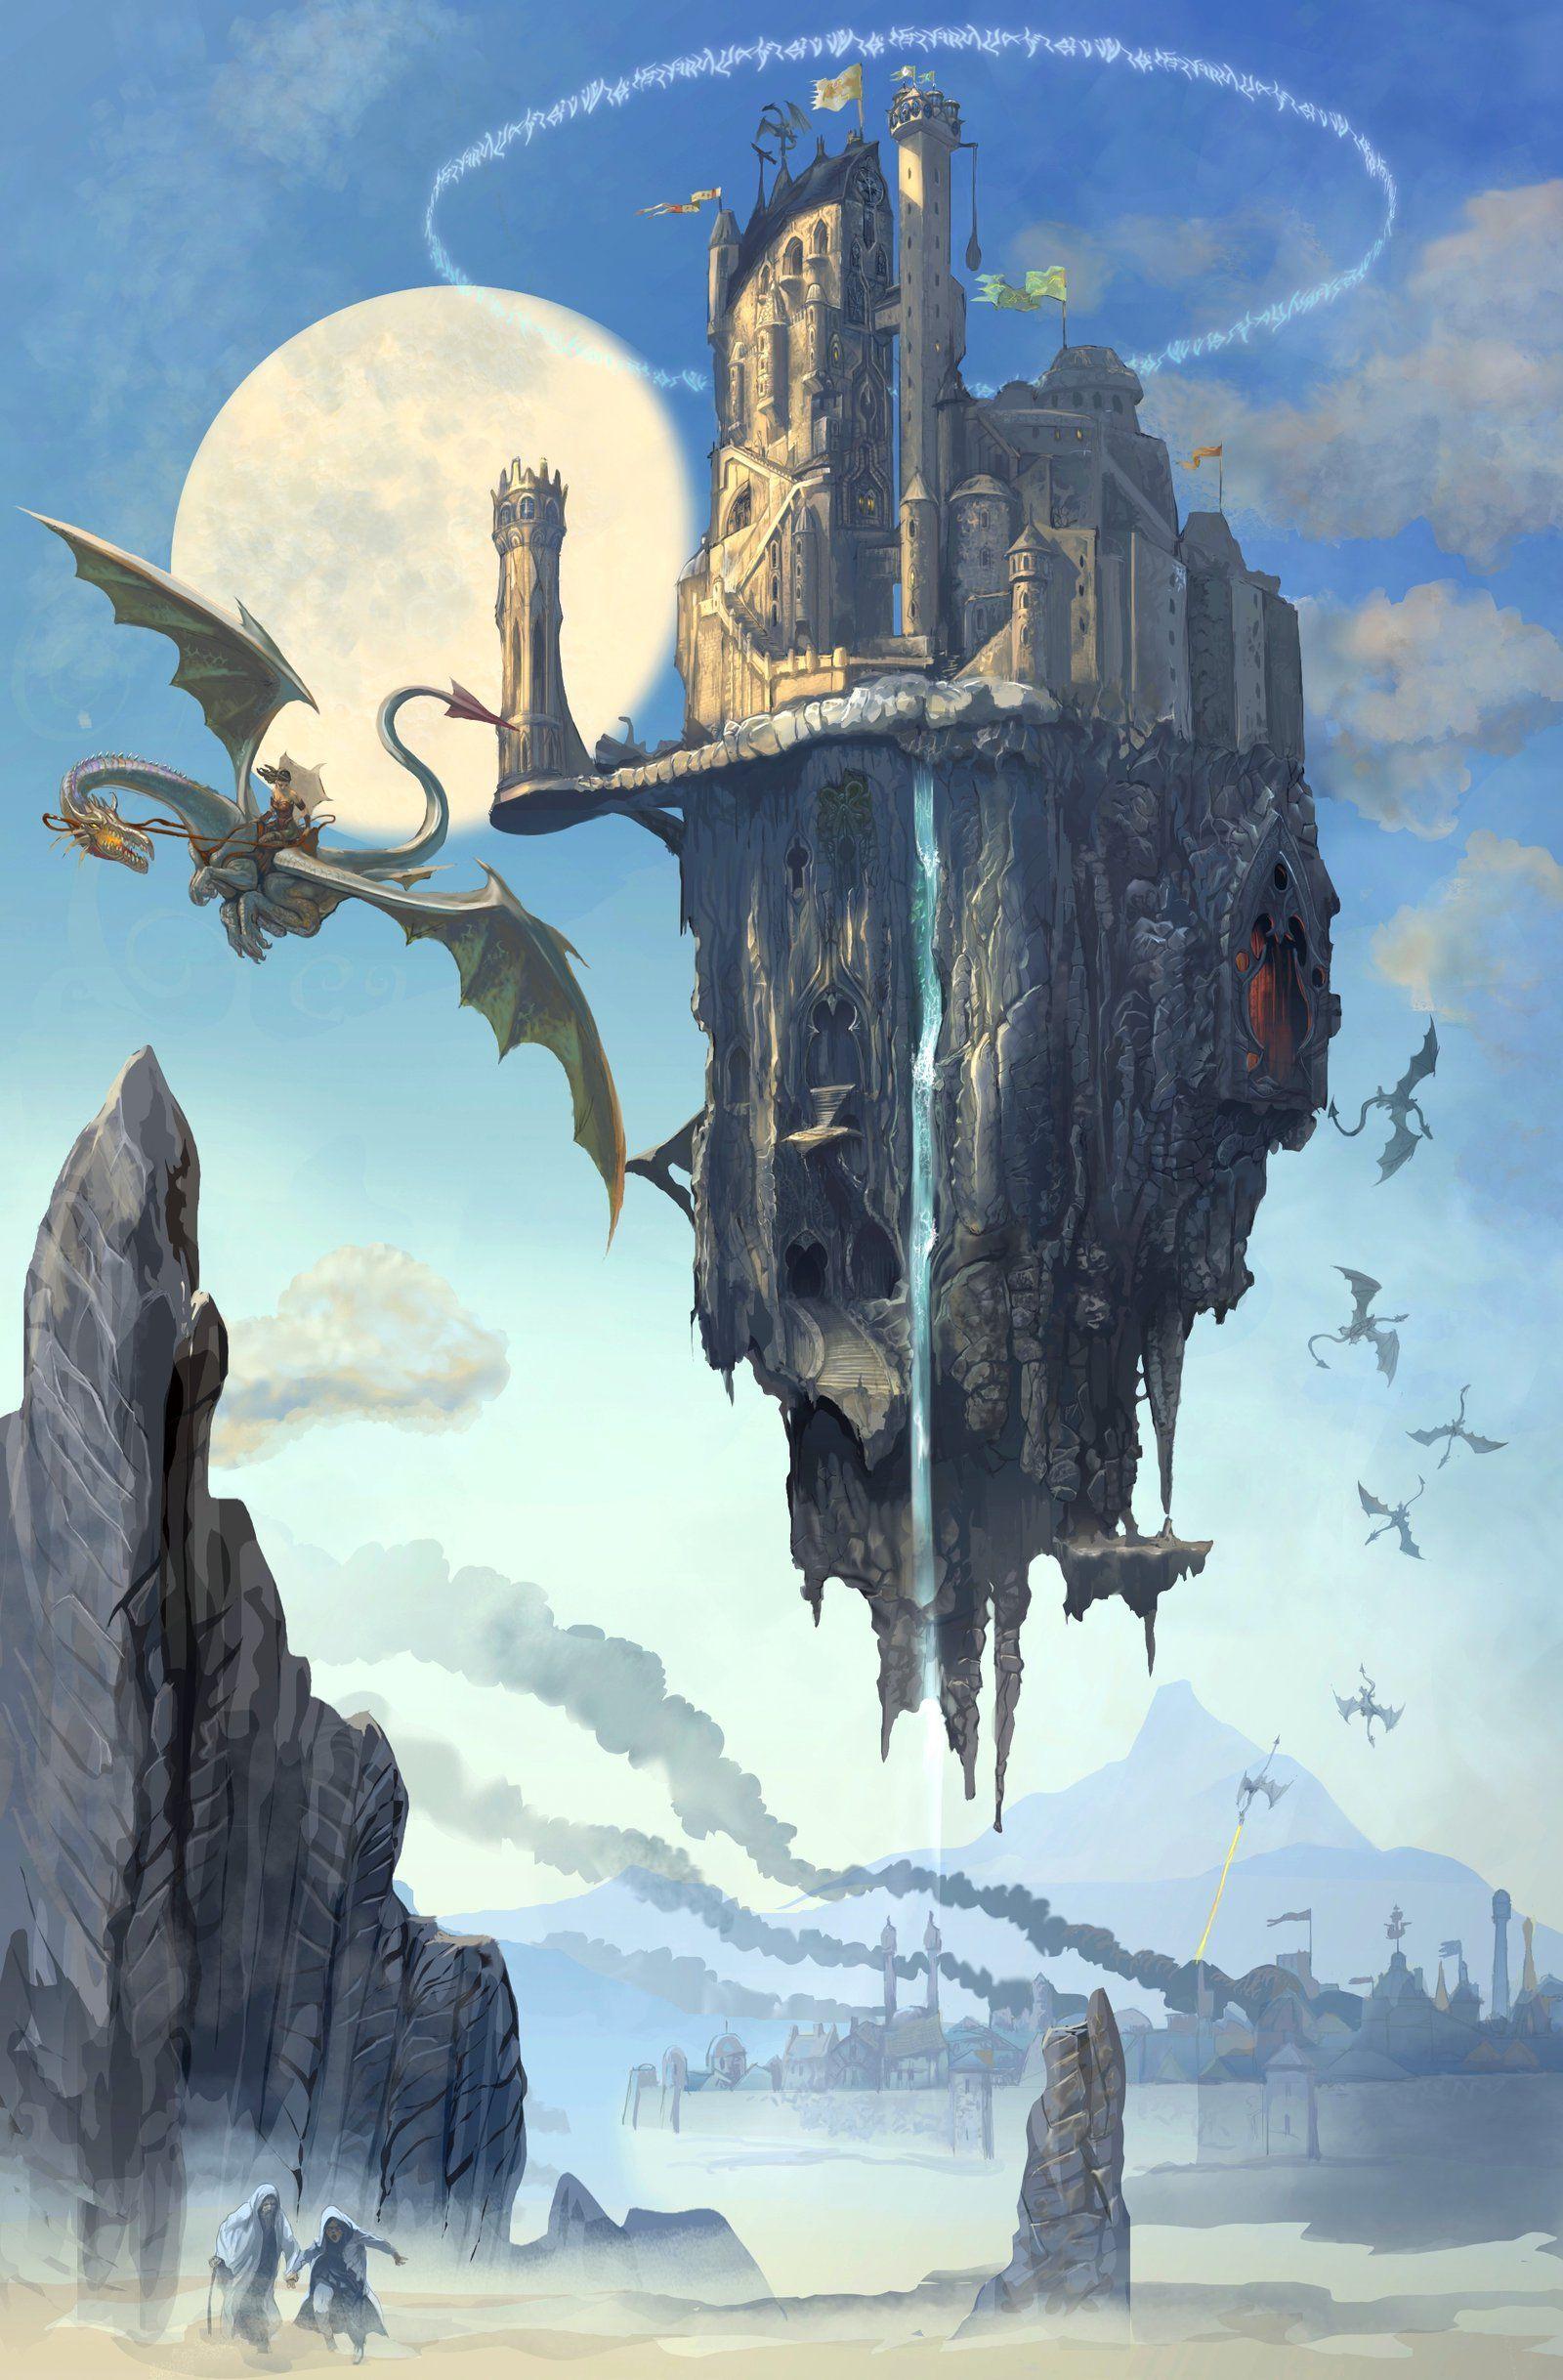 Flying Castle Serg4d Fantastic Fantasy Landscapes In 2019 Art Concept